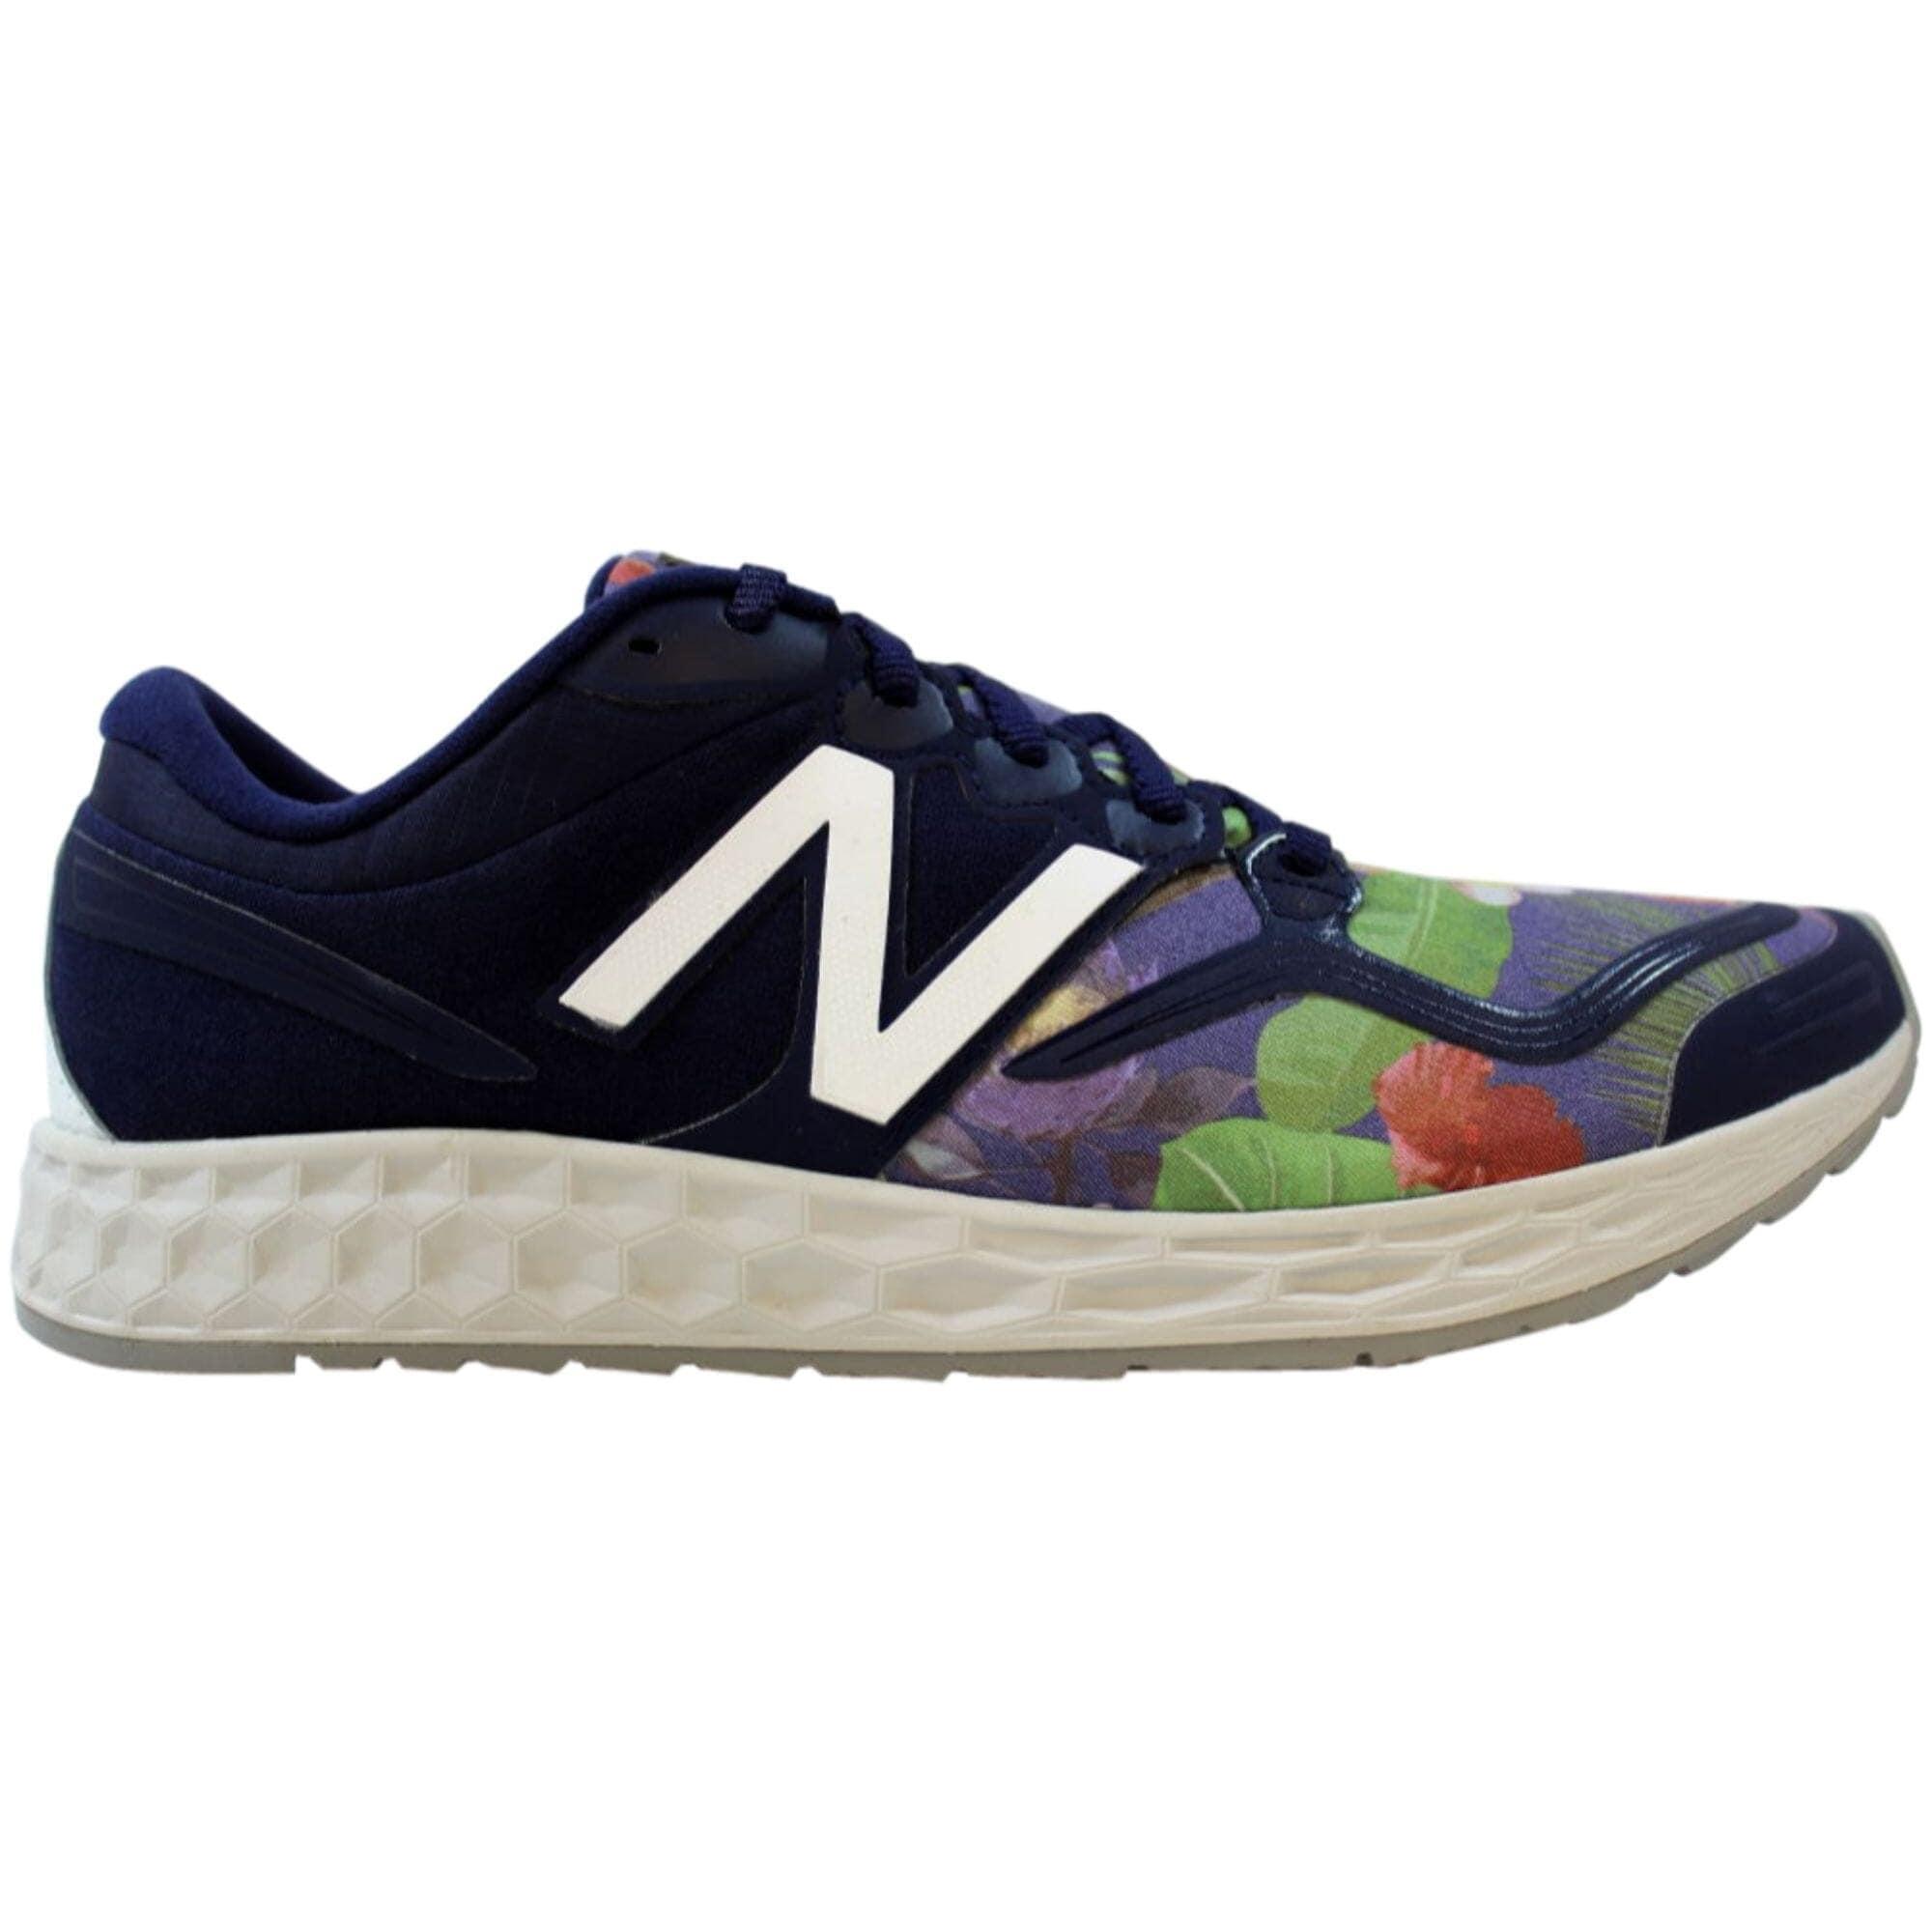 best mizuno shoes for walking everyday zurich 800